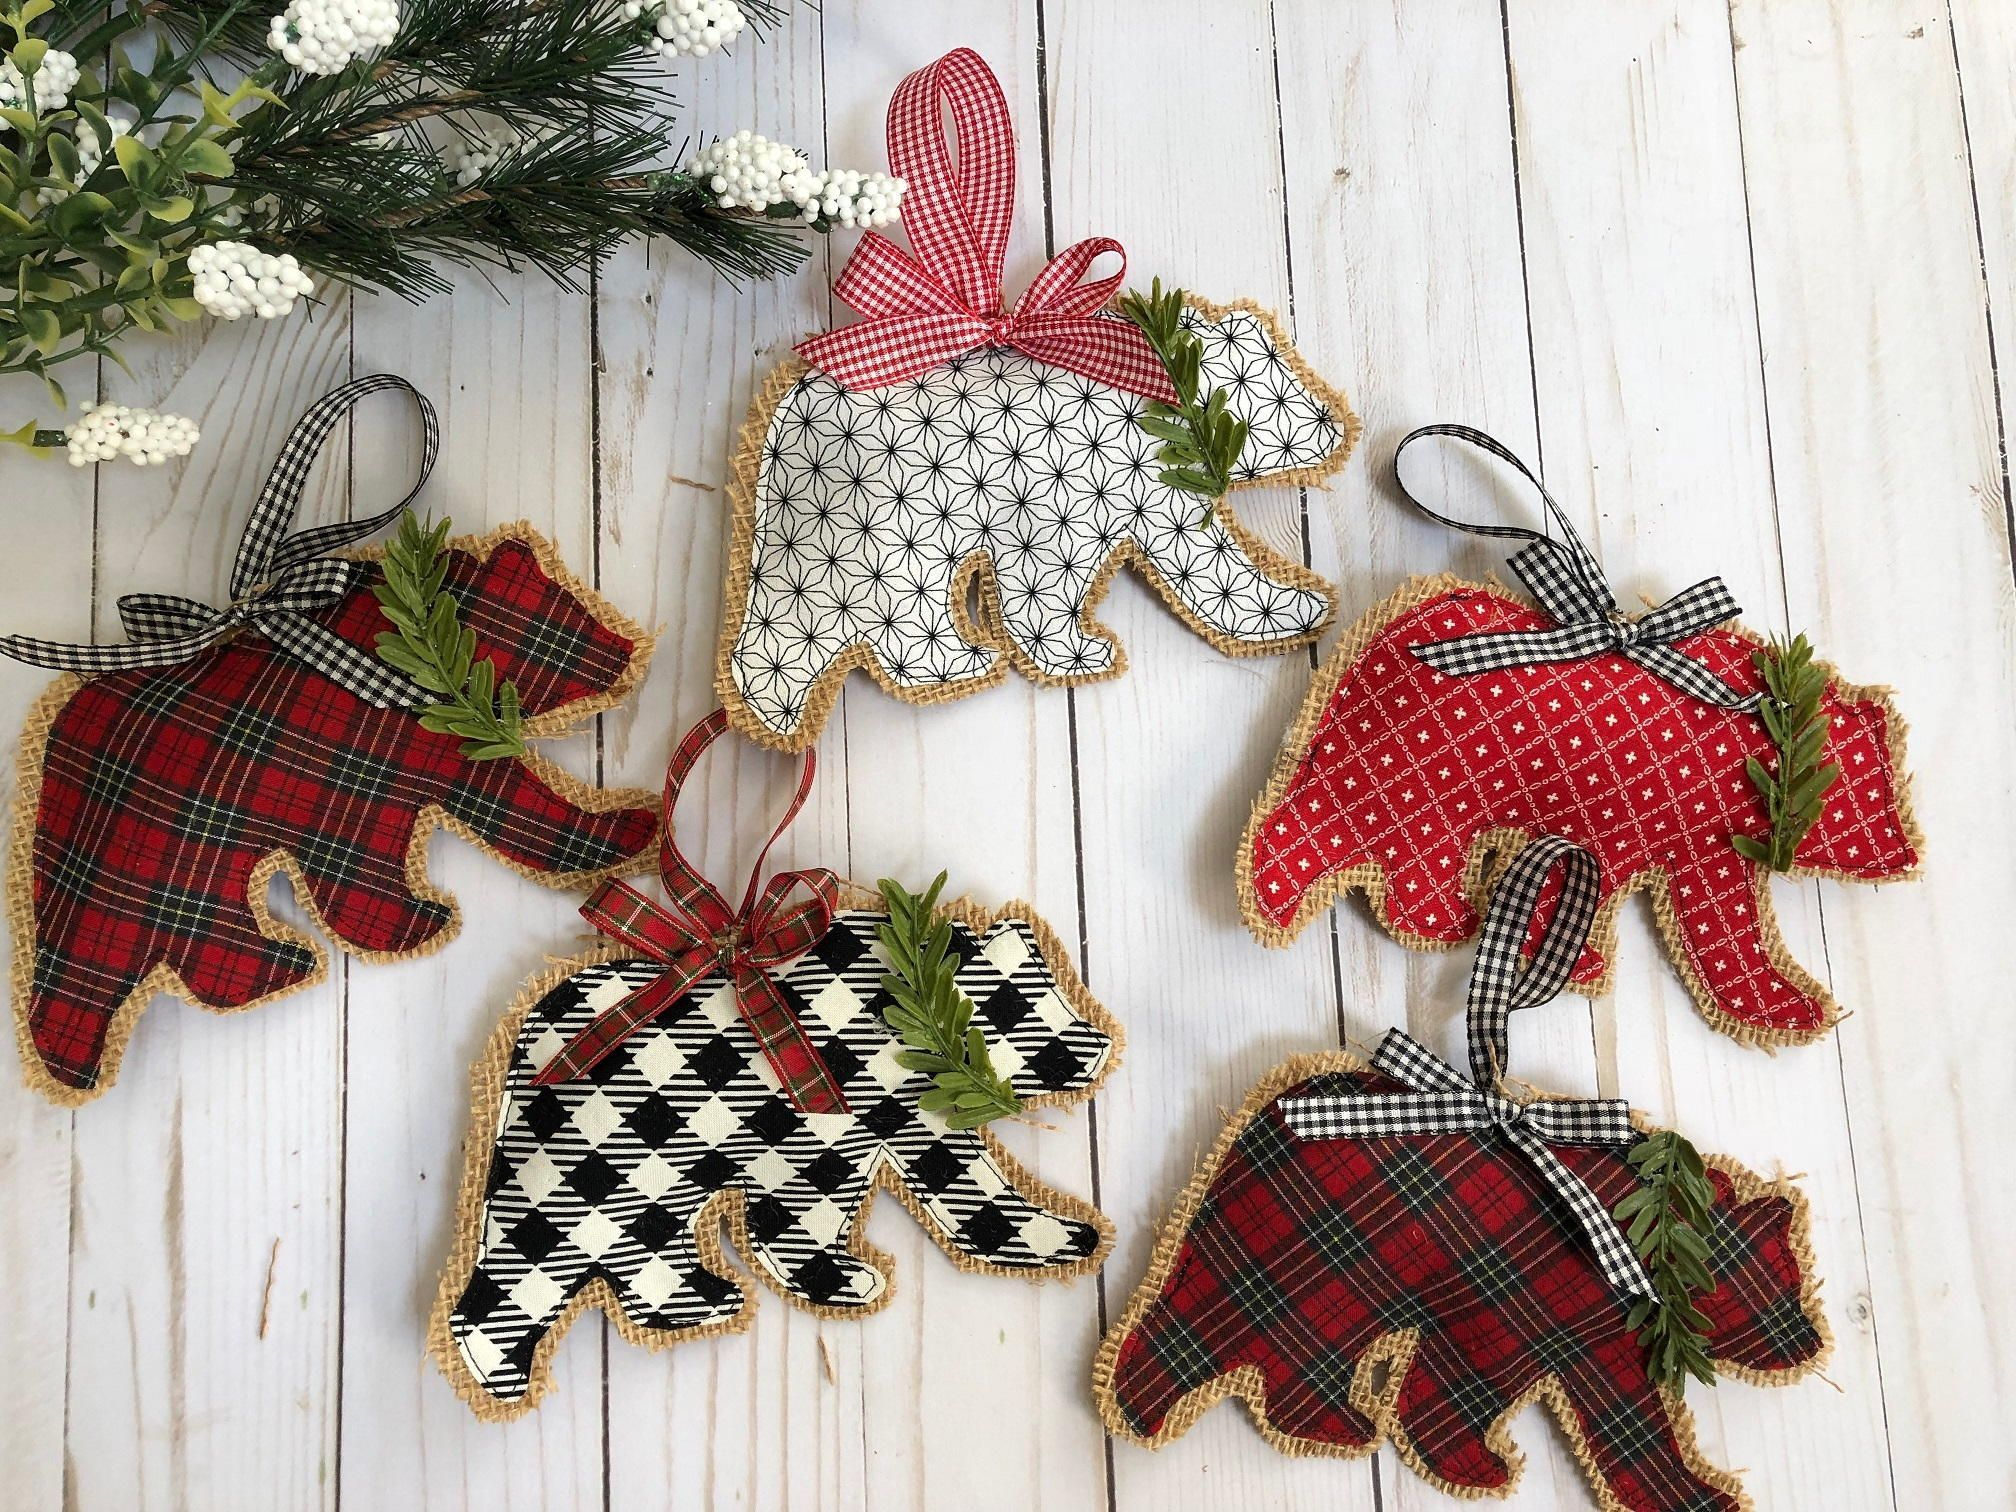 Rustic Burlap Bear Christmas Ornaments Fabric Christmas Ornaments Burlap Christmas Ornaments Christmas Ornaments